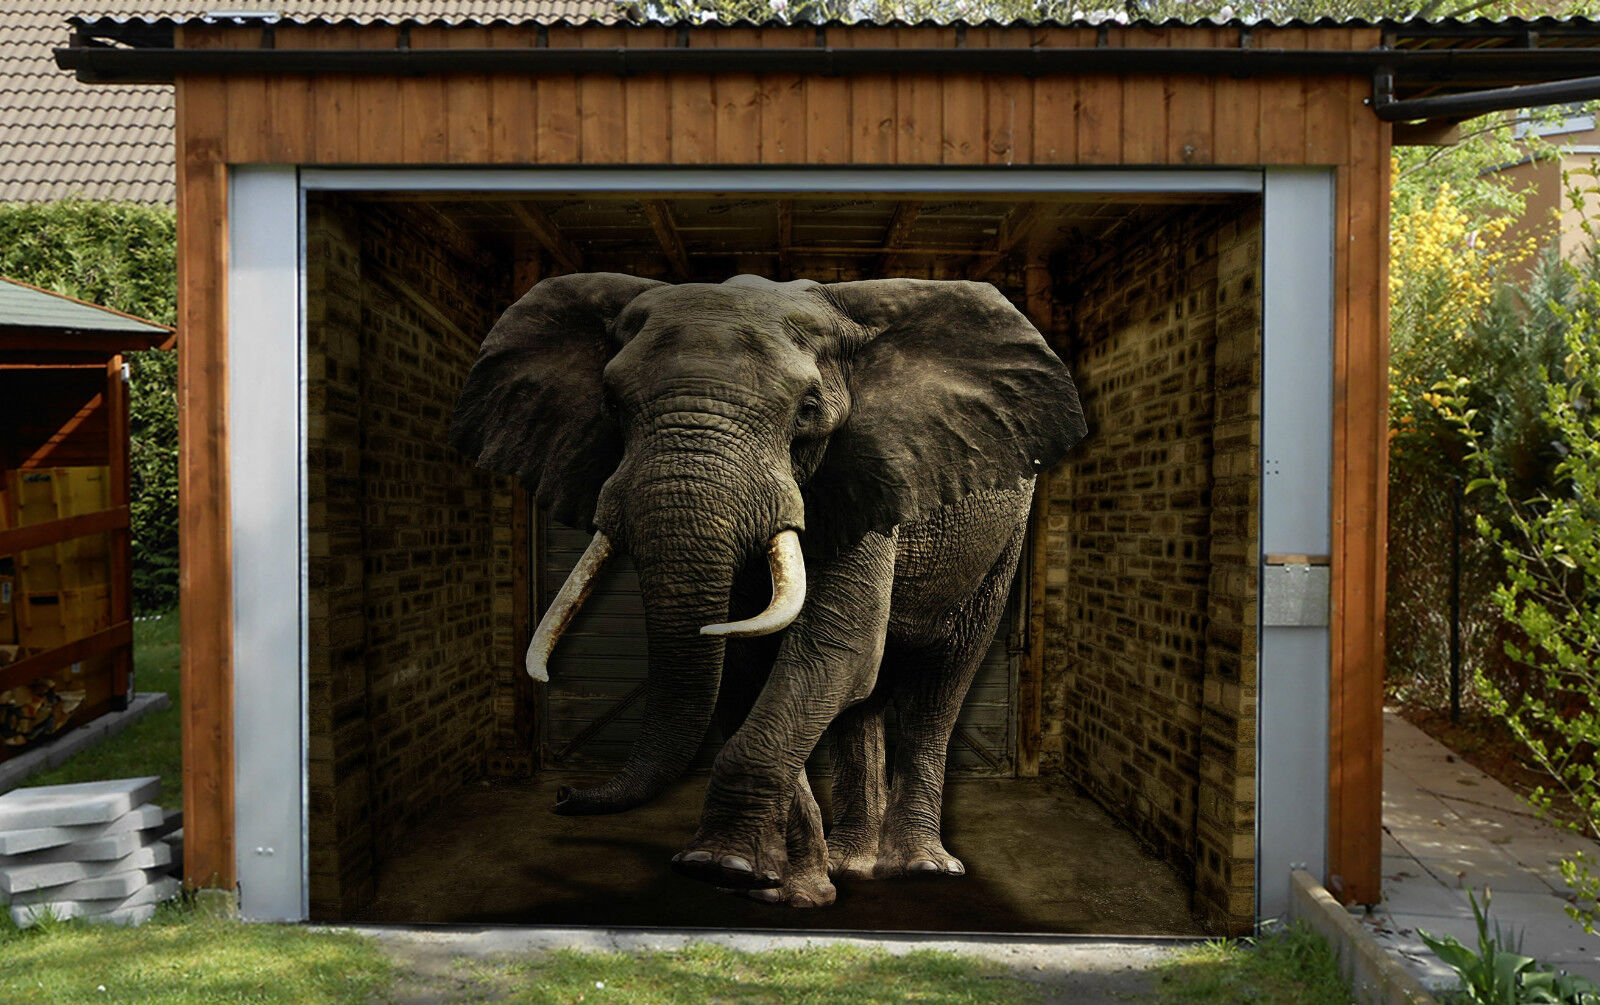 3D Big Elephant 08 Garage Door Murals Wall Print Decal Wall Deco AJ WALLPAPER IE